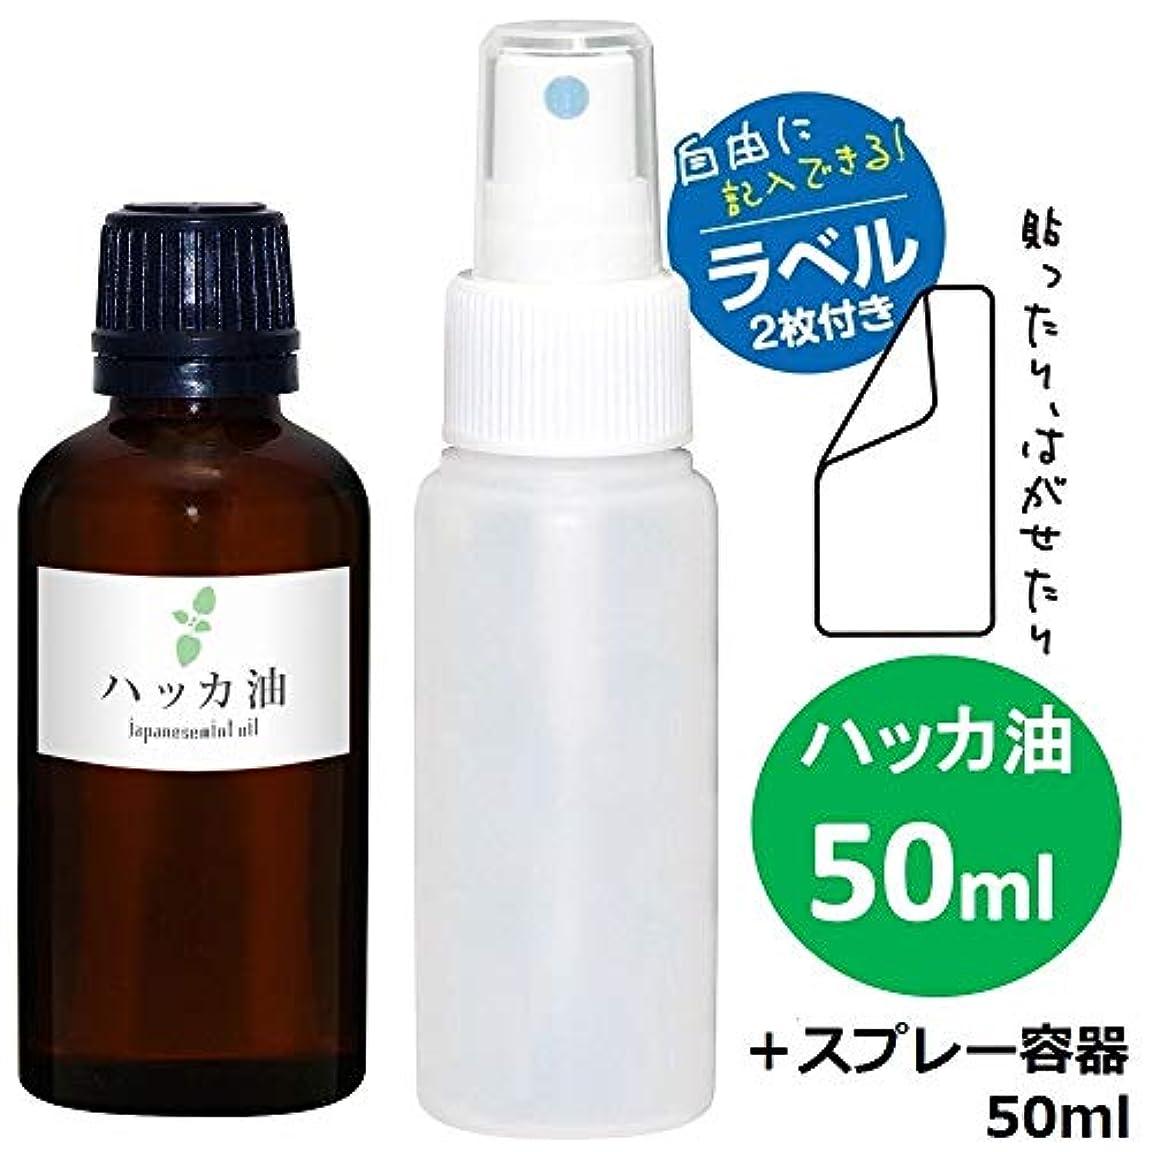 浴番目興奮ガレージ?ゼロ ハッカ油 50ml(GZAK15)+50mlPEスプレーボトル/和種薄荷/ジャパニーズミント/ペパーミント GSE530